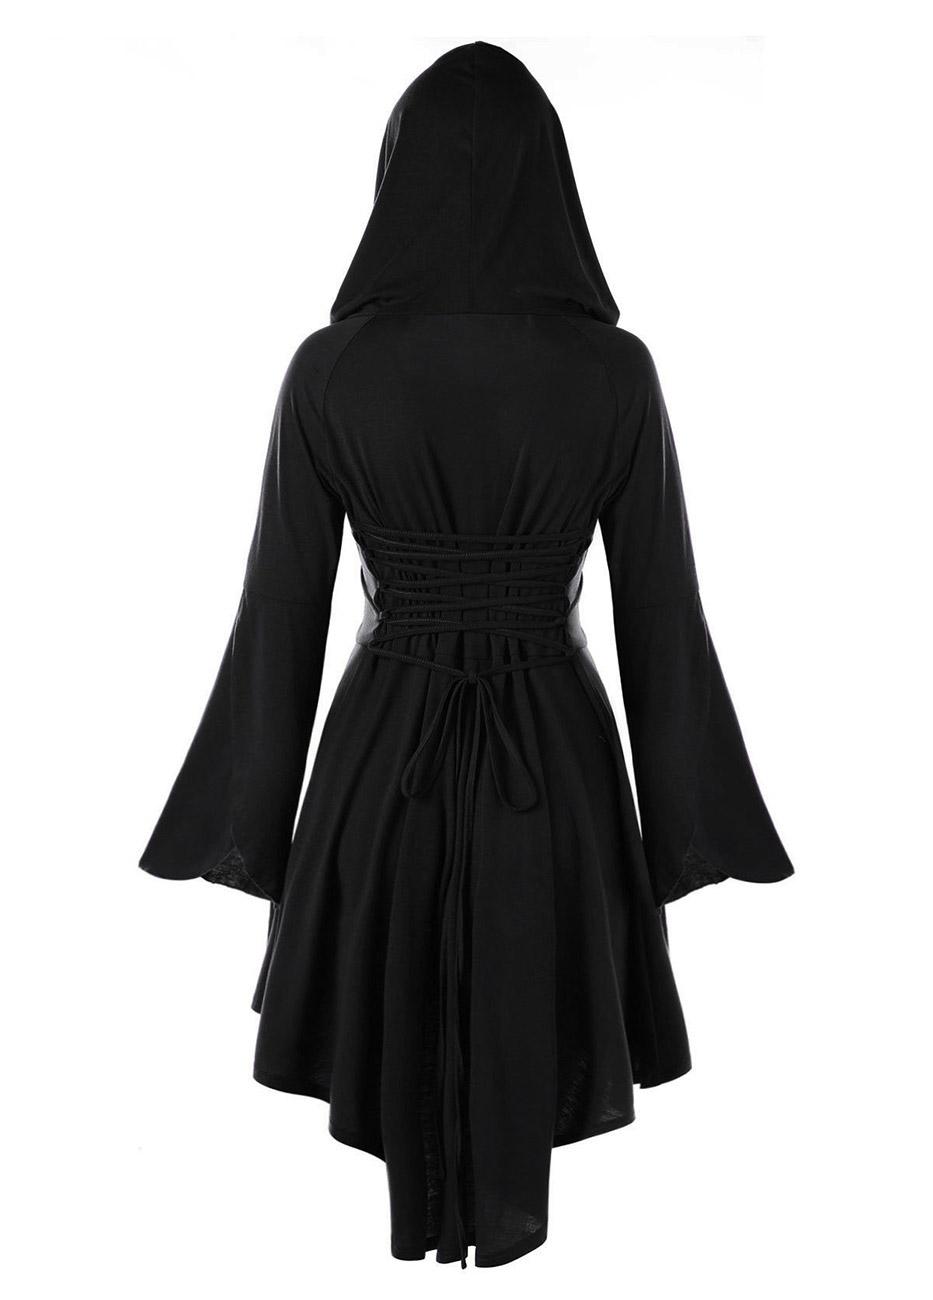 Robe noire avec manches longues évasées et capuche e84d887153a